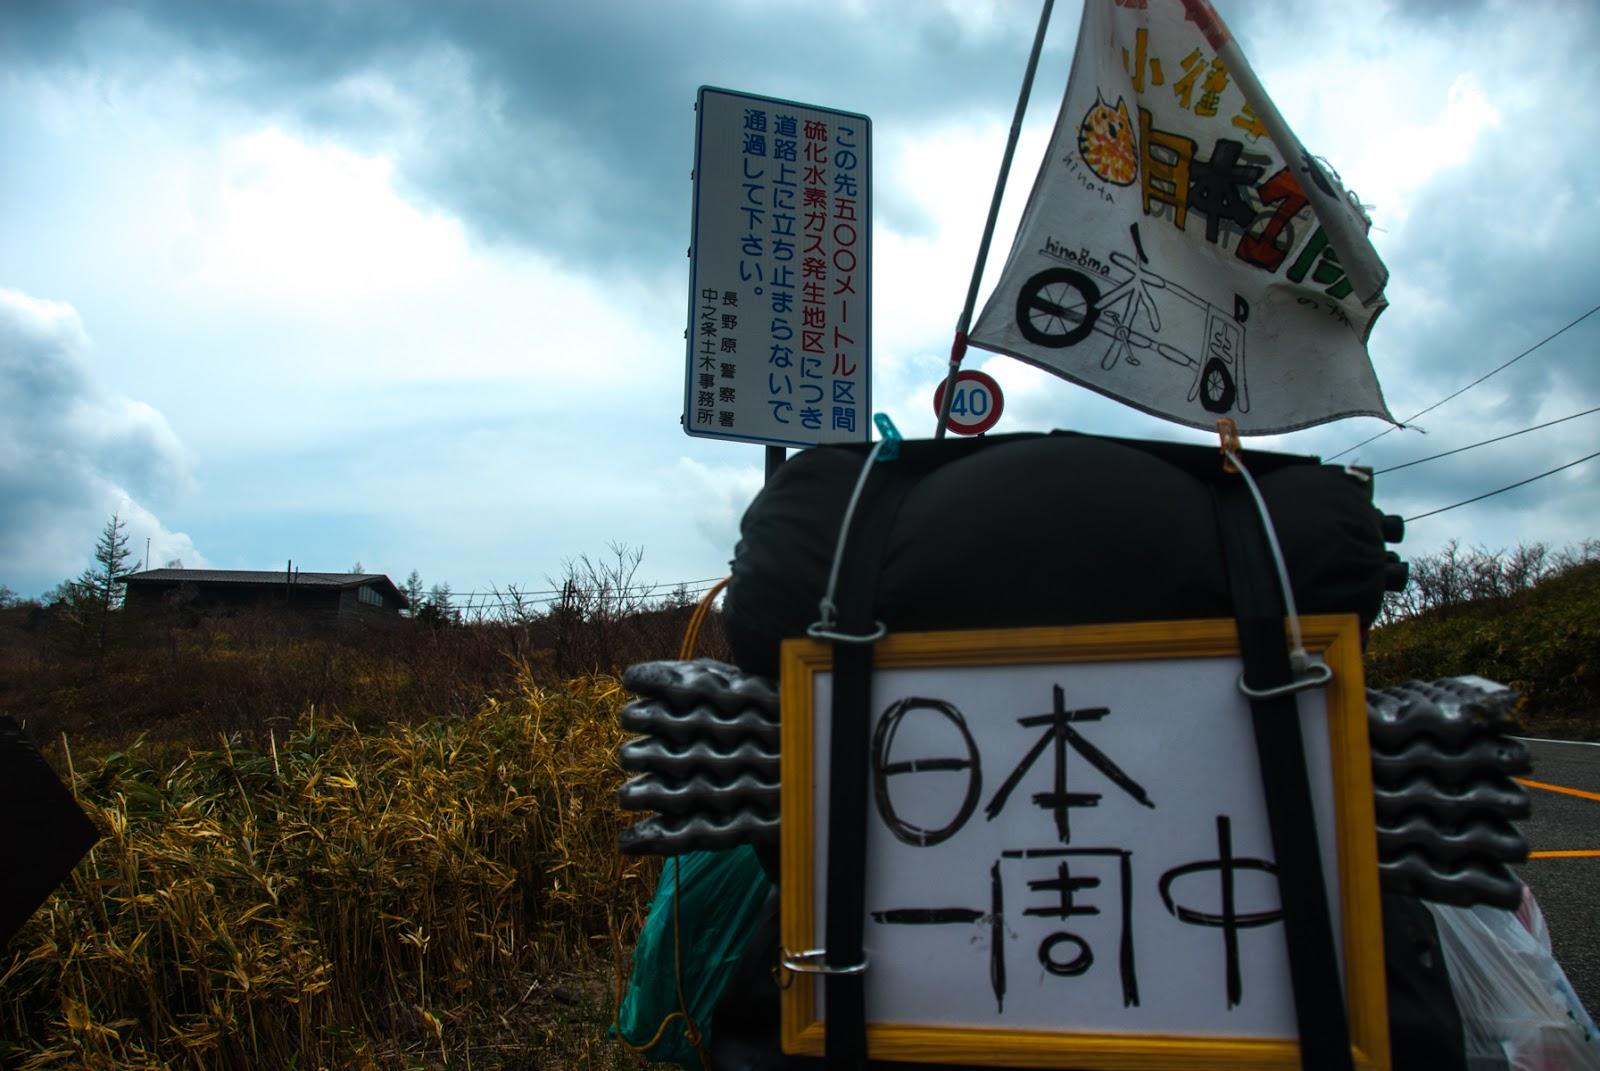 毒ガス地点手前で日本一周中の看板と旗を掲げた自転車